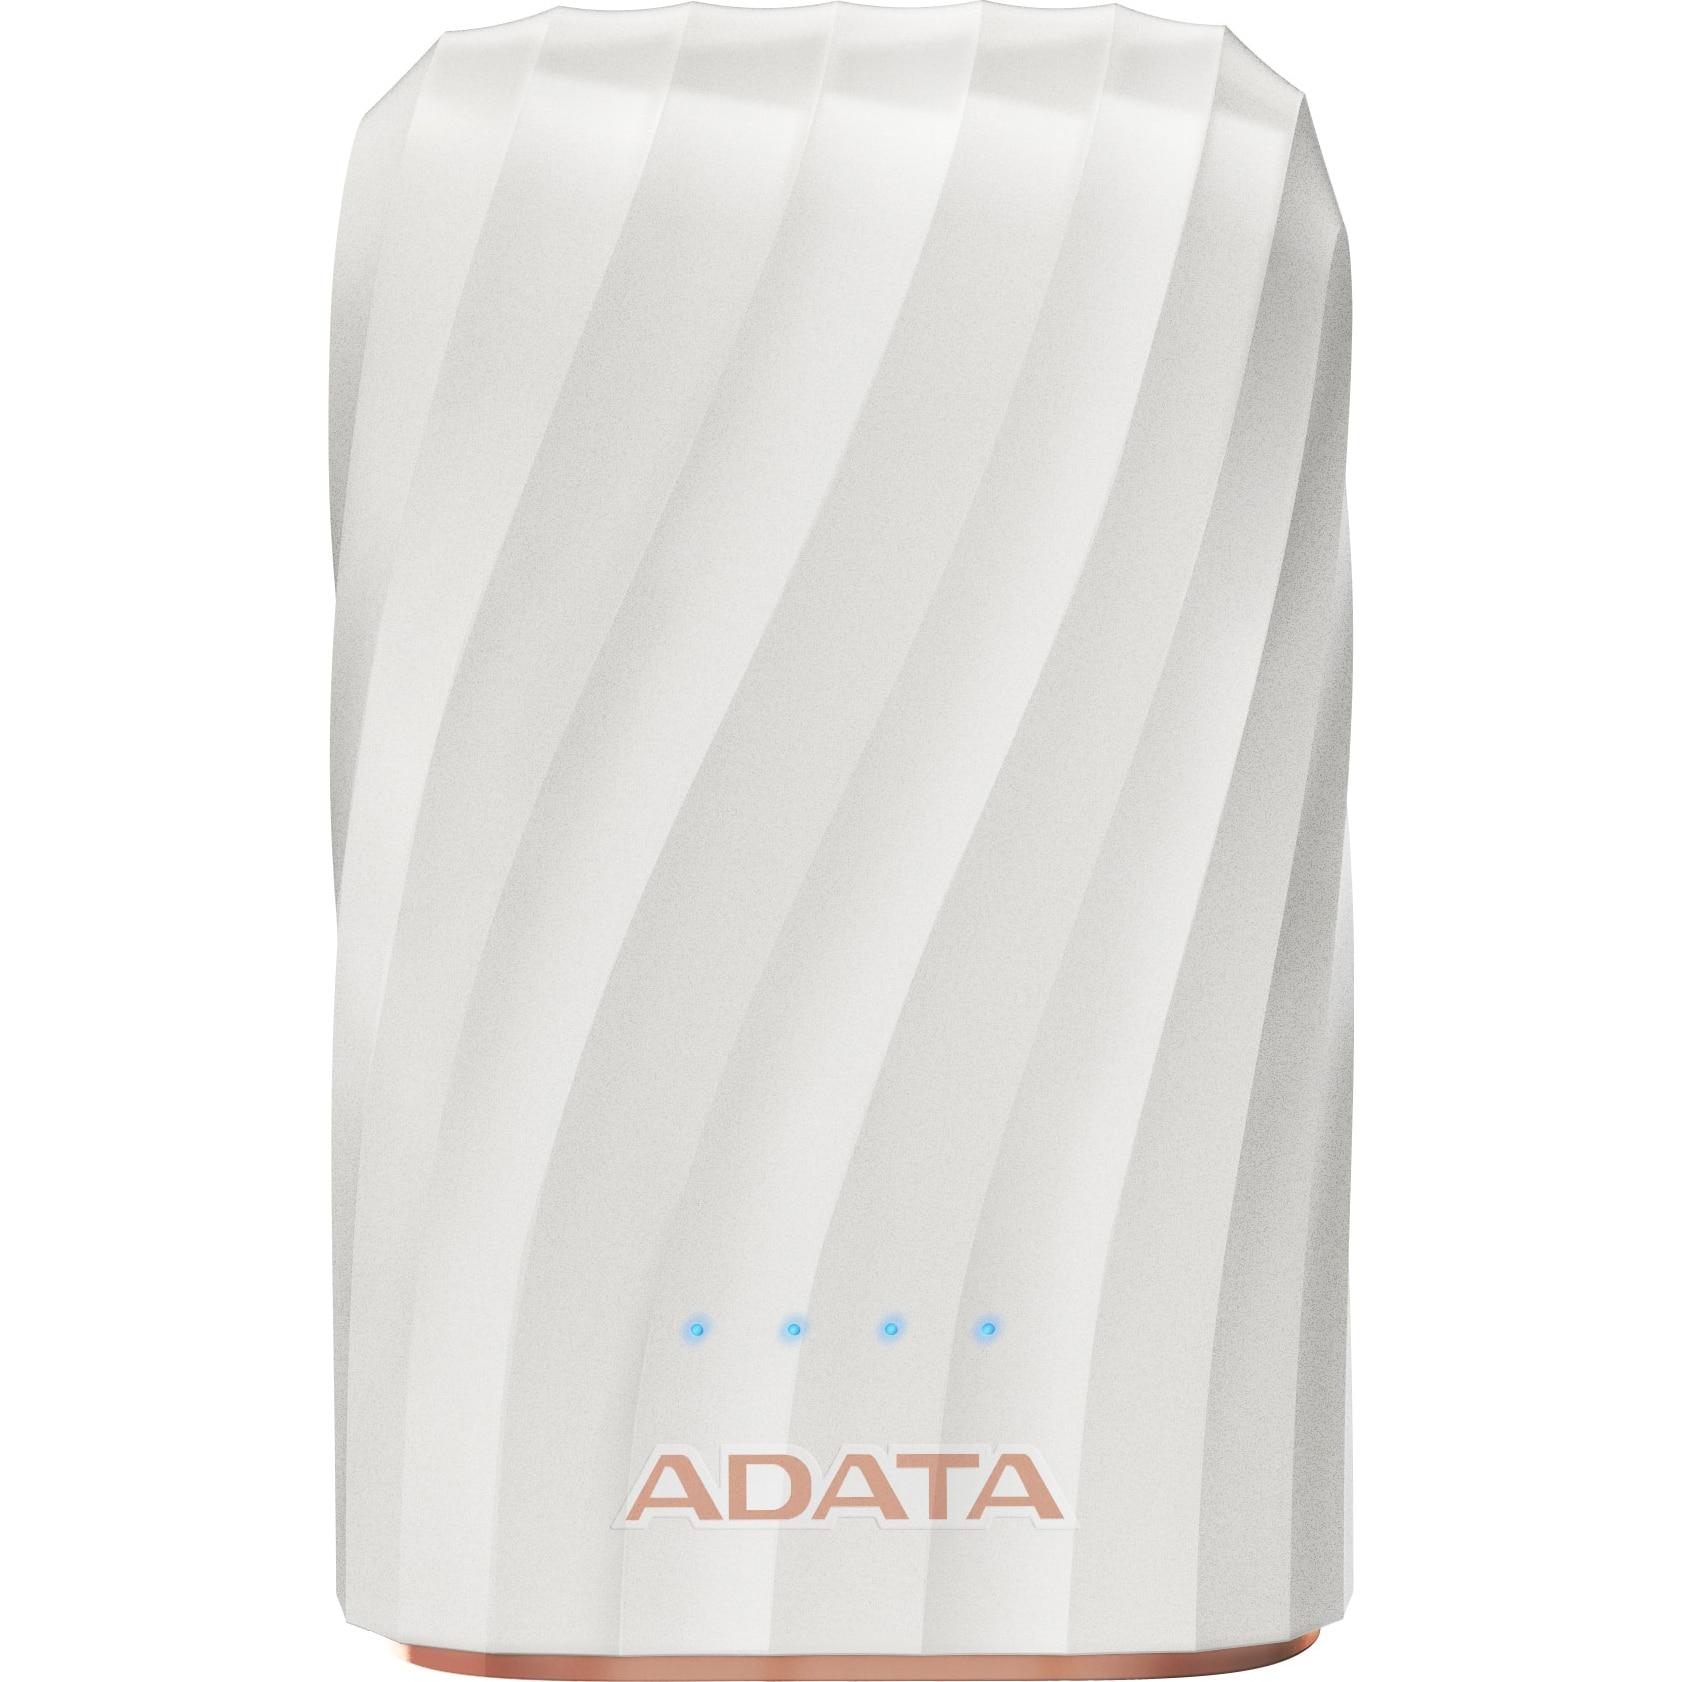 Fotografie Acumulator extern ADATA P10050C, USB Type-C, 10050 mAh, White